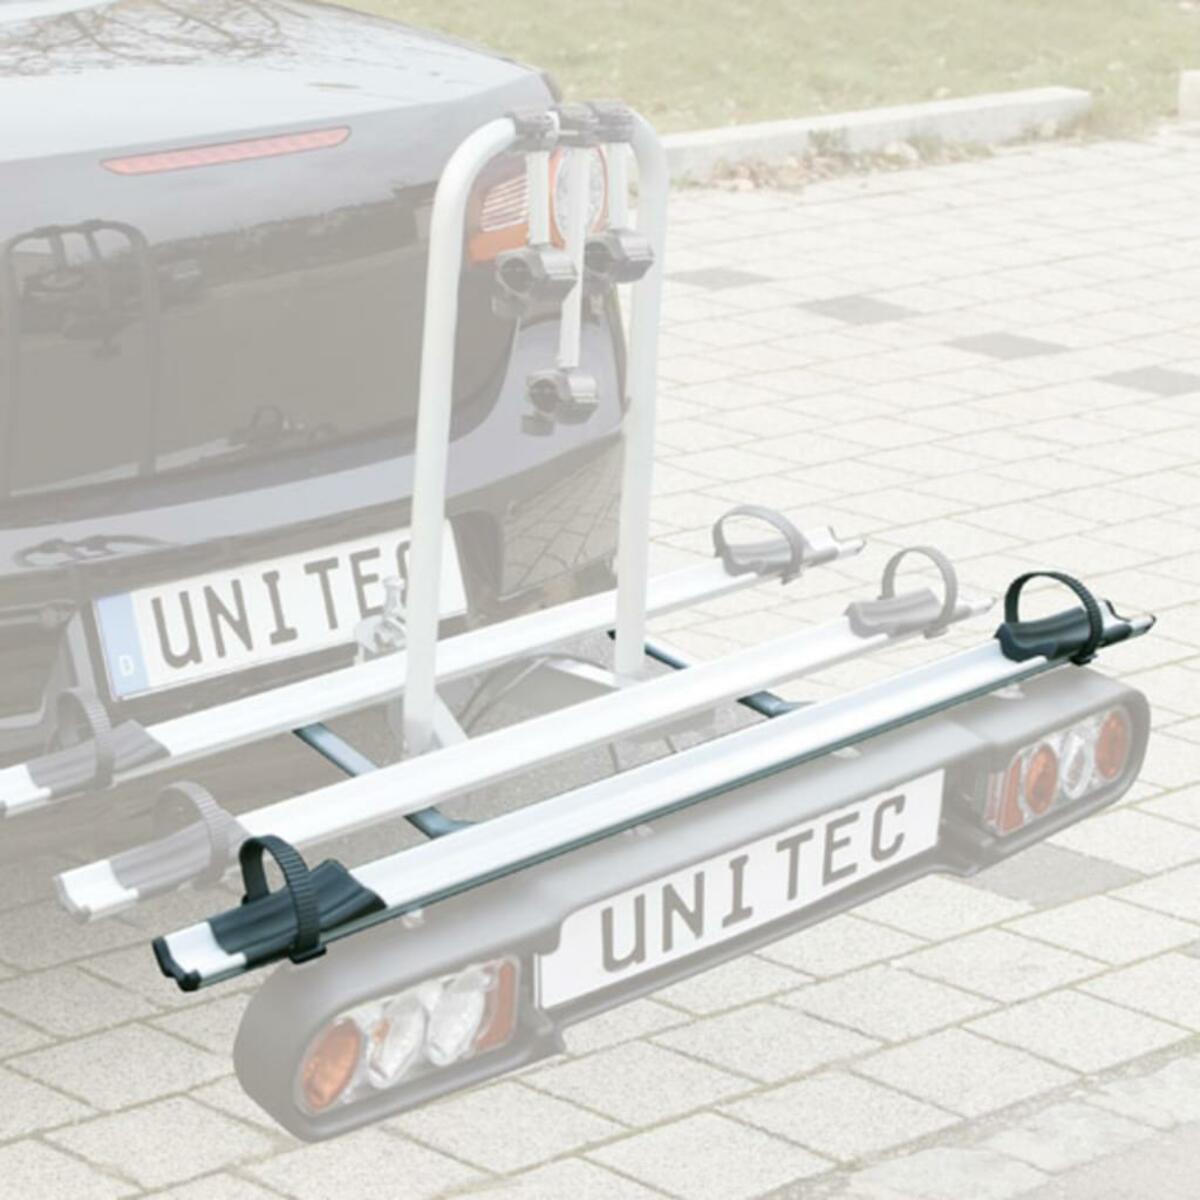 Bild 4 von Unitec Erweiterungssatz für Kupplungsträger Alu-Atlas für ein 3. Fahrrad